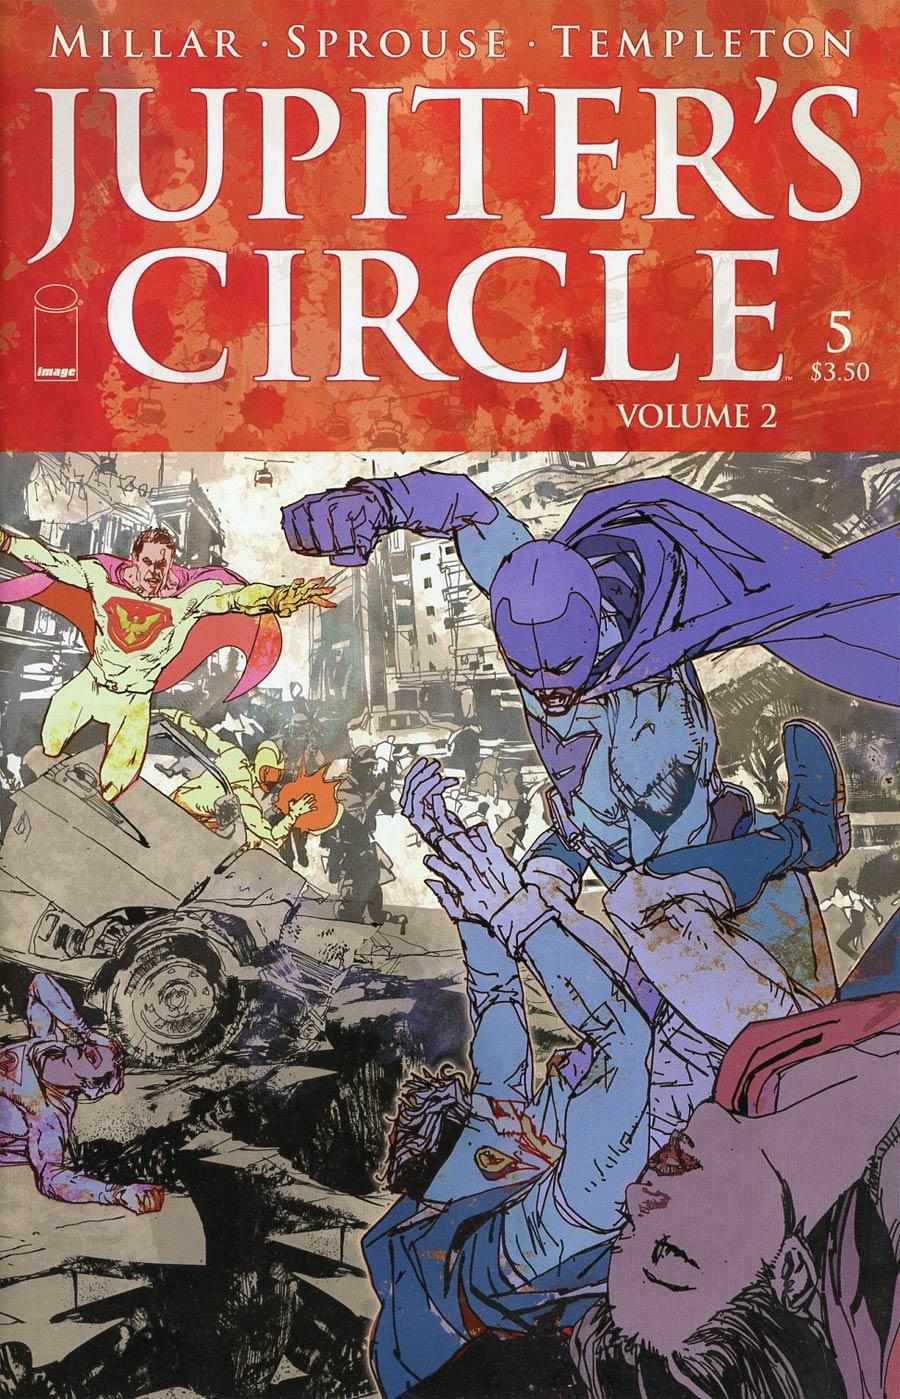 Jupiters Circle Vol 2 #5 Cover A Bill Sienkiewicz